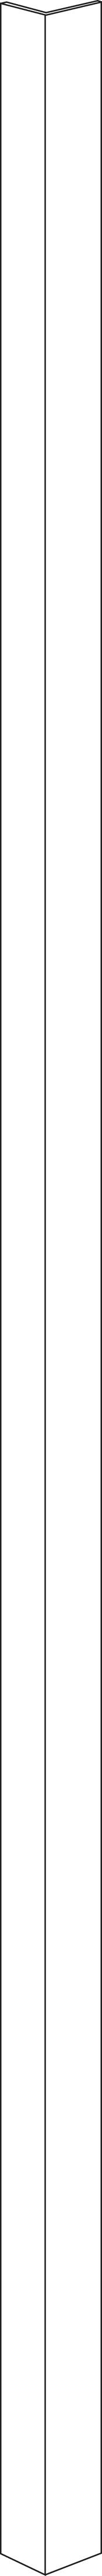 SIDOLIST 7000N 175 CM V VIT